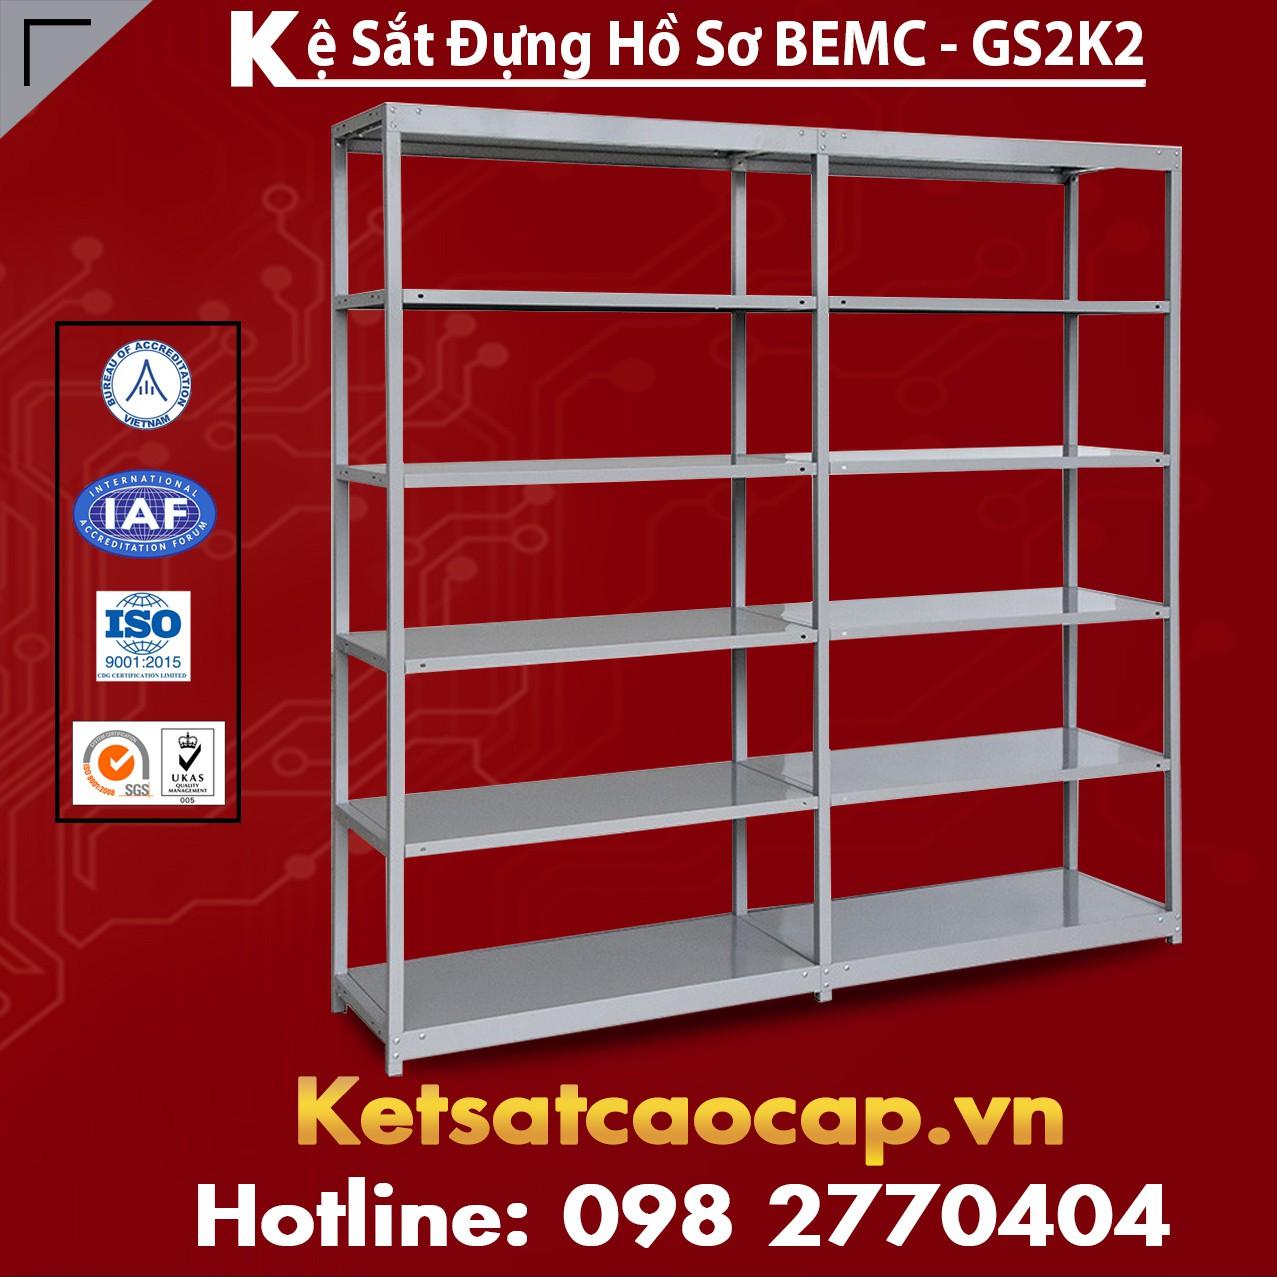 Kệ Sắt BEMC-GS2K2